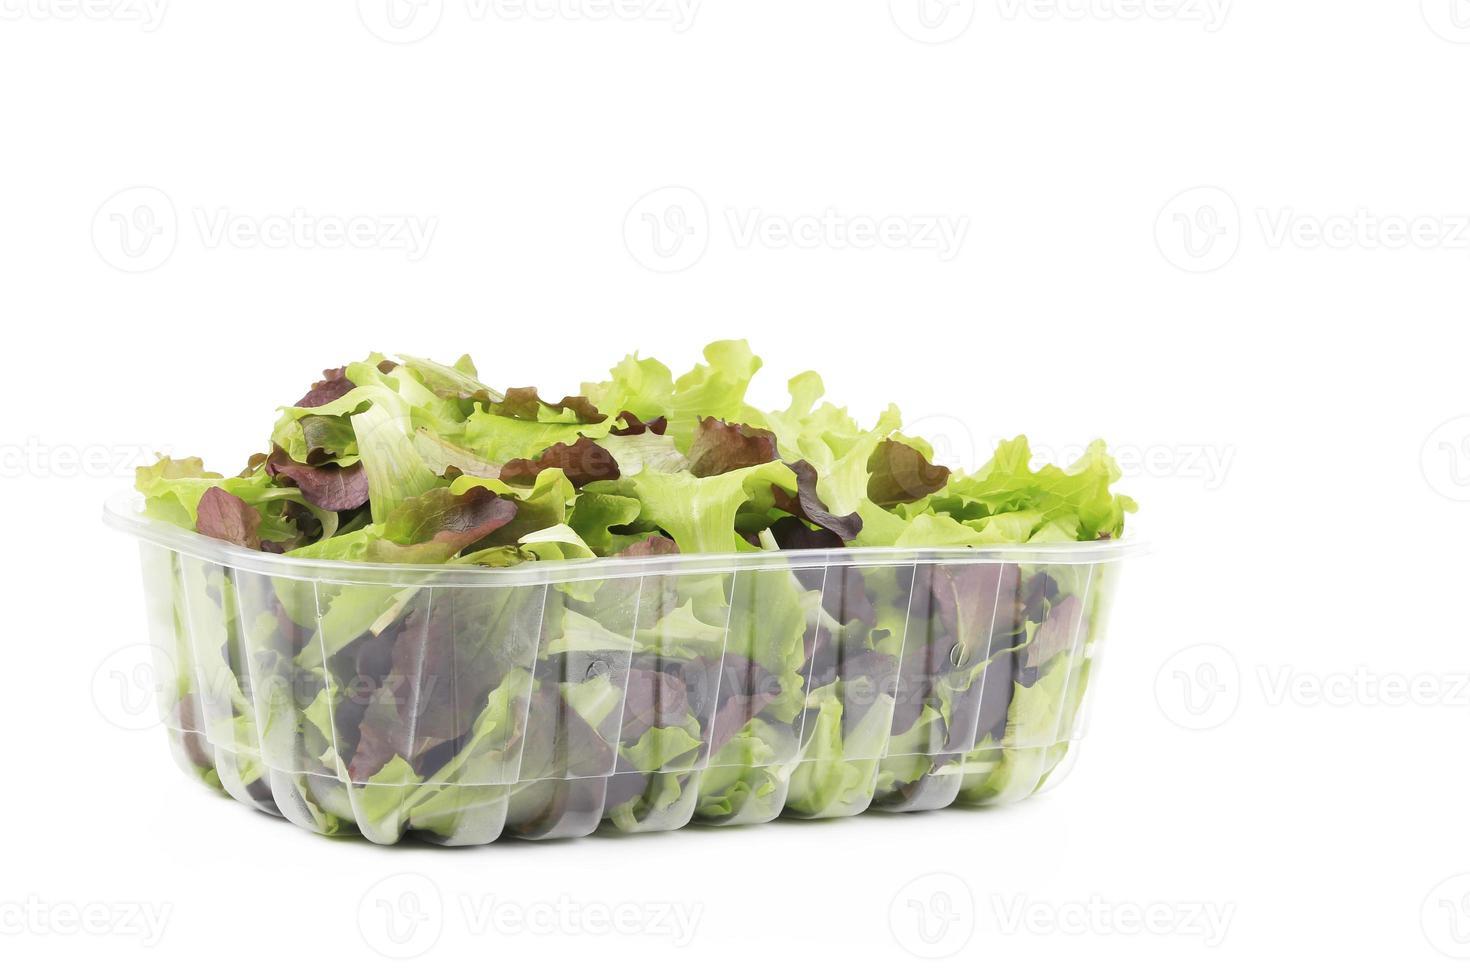 färska blandade salladsblad. foto